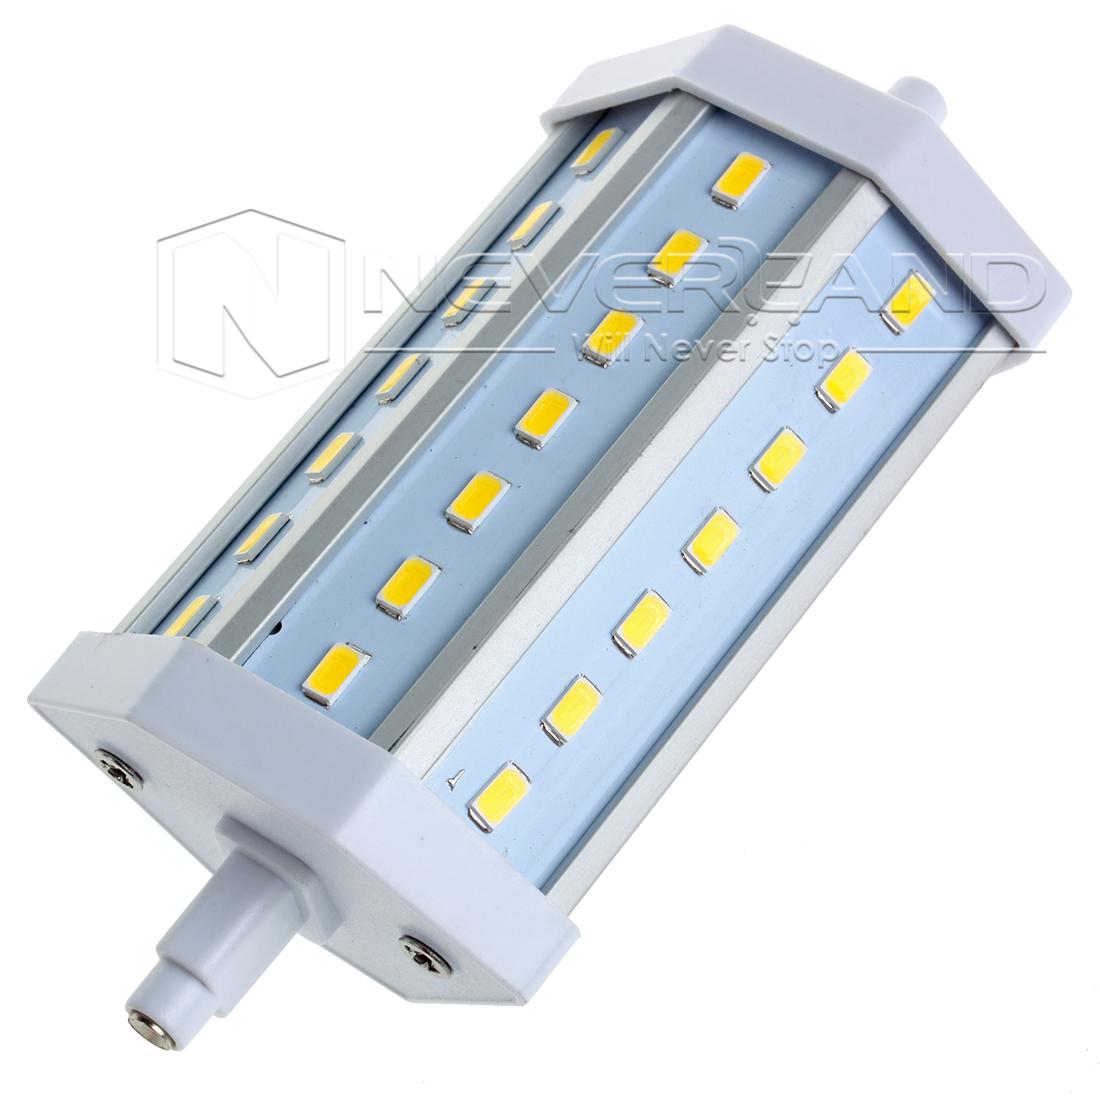 r7s led 2835 5050 5730 smd lampe leuchtmittel stehlampe deckenfluter baustrahler. Black Bedroom Furniture Sets. Home Design Ideas